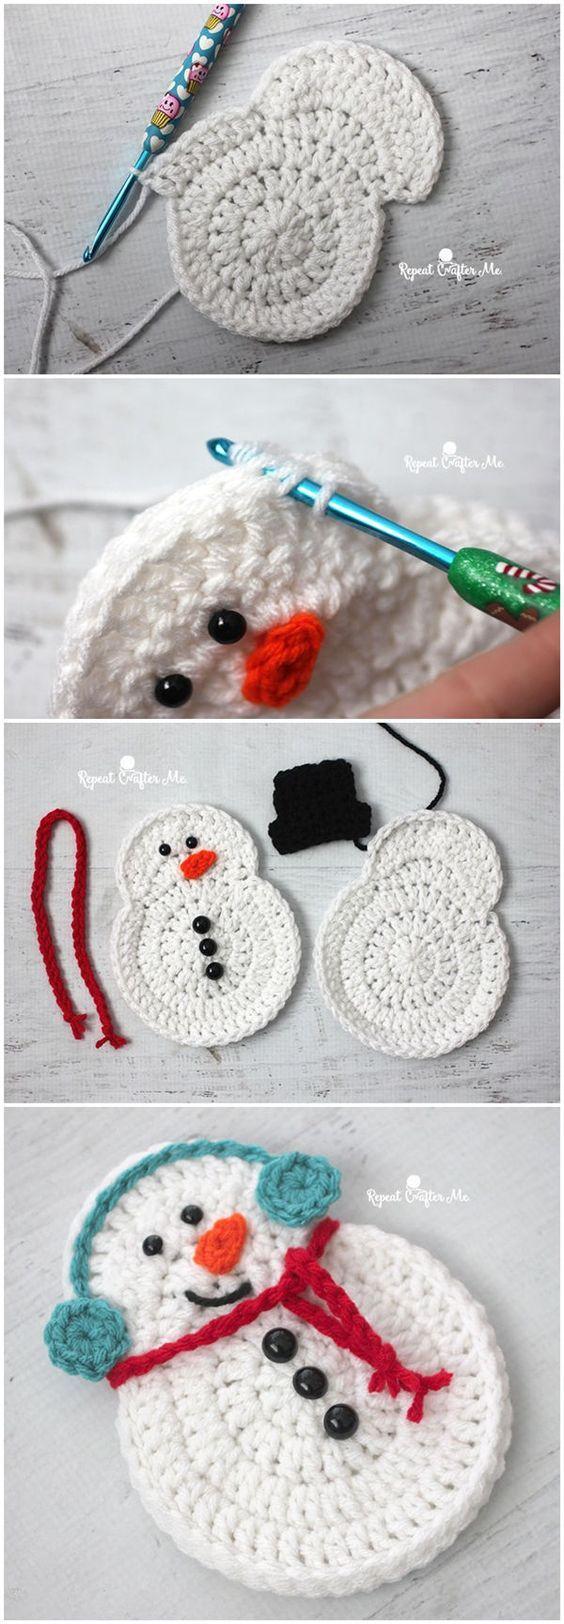 131 besten Holiday crafts Bilder auf Pinterest   Stricken häkeln ...